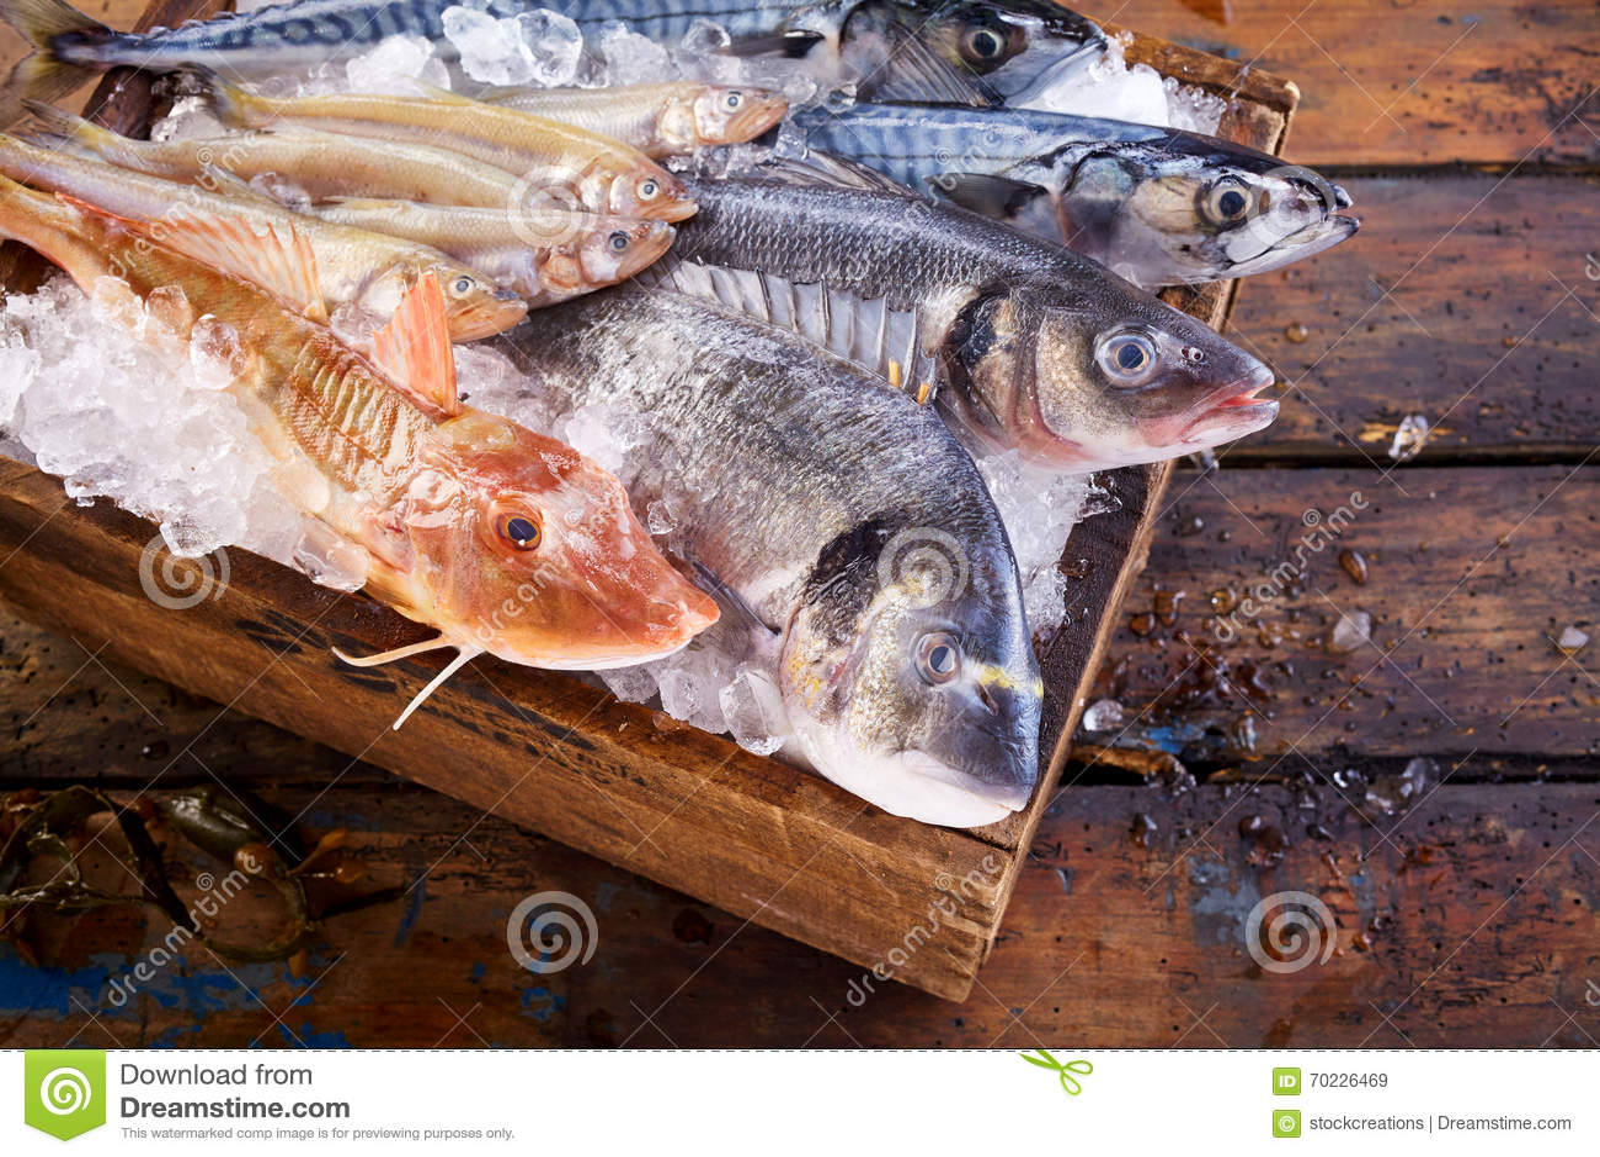 variedad de peces marinos frescos comestibles en el hielo